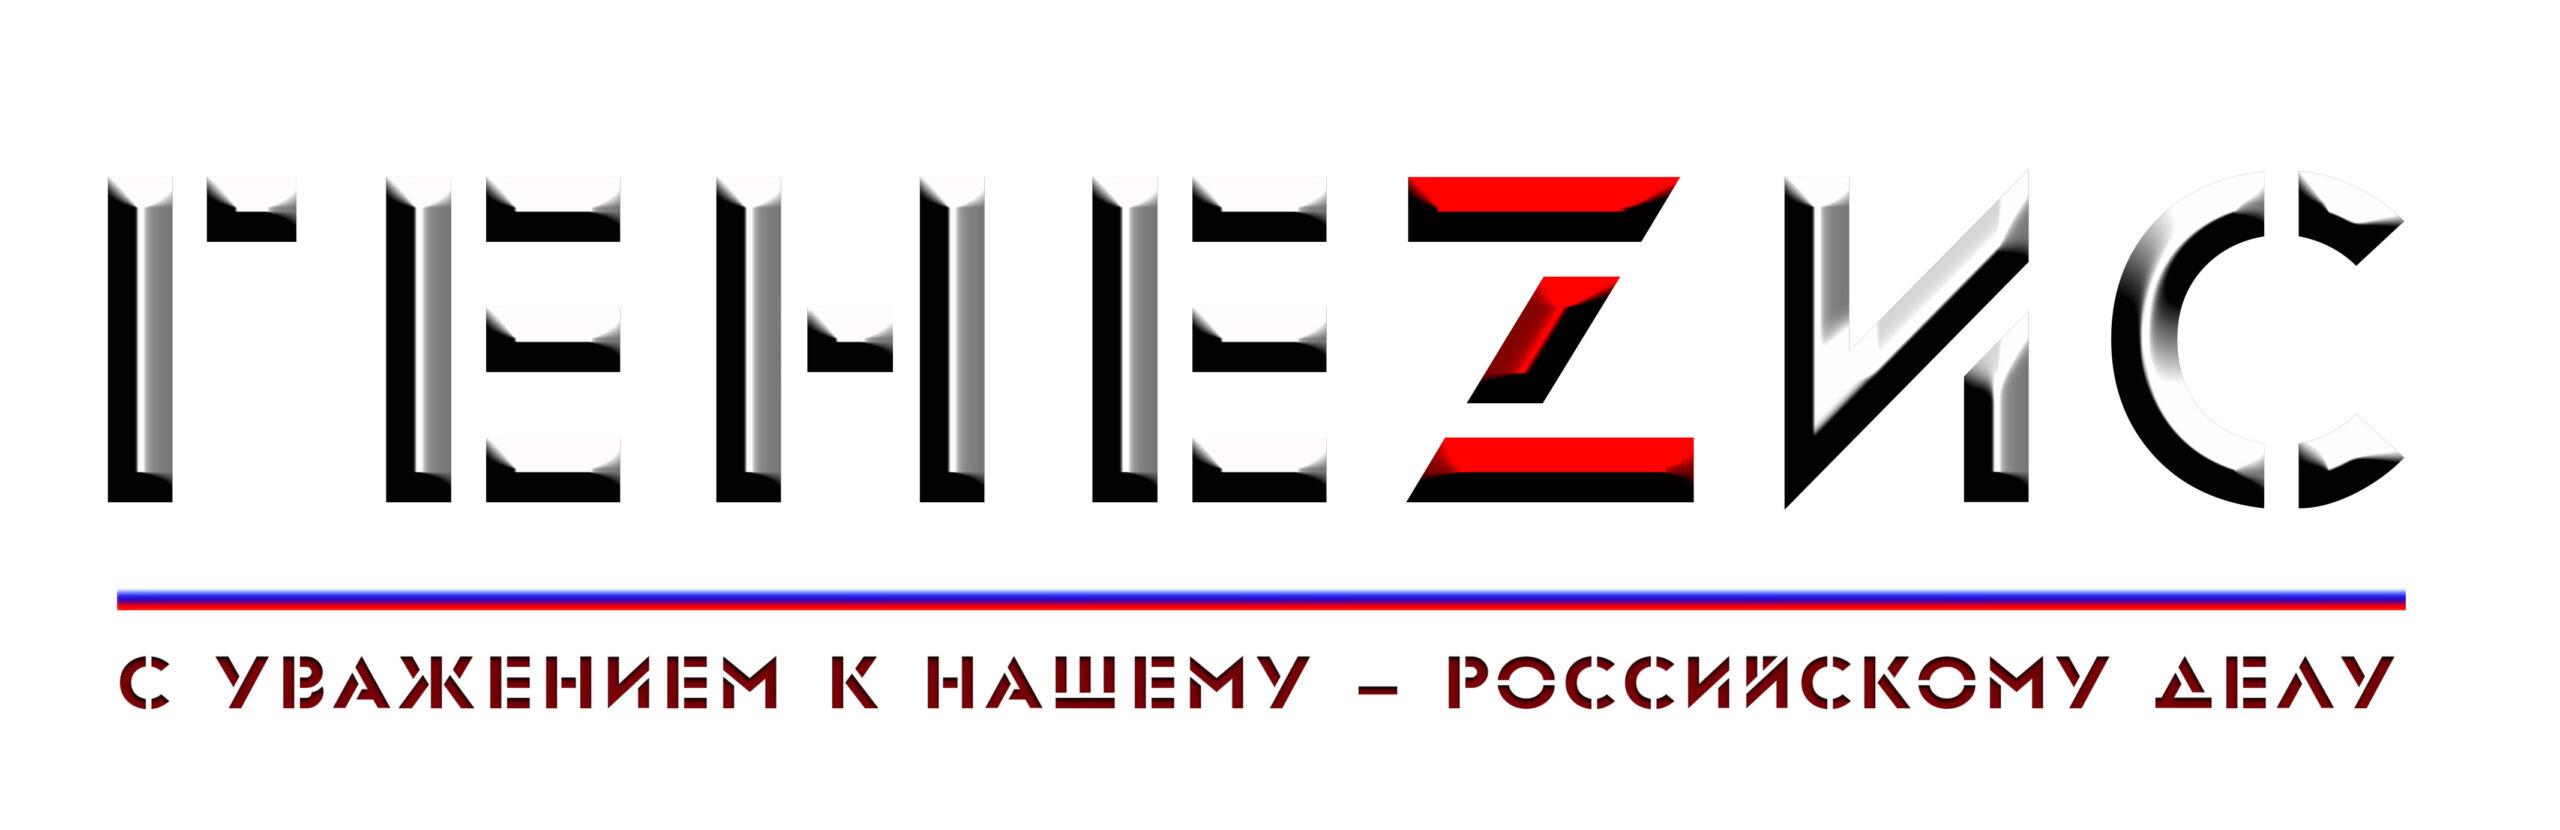 Старостенко Евгений Юрьевич - с уважением к нашему - российскому делу